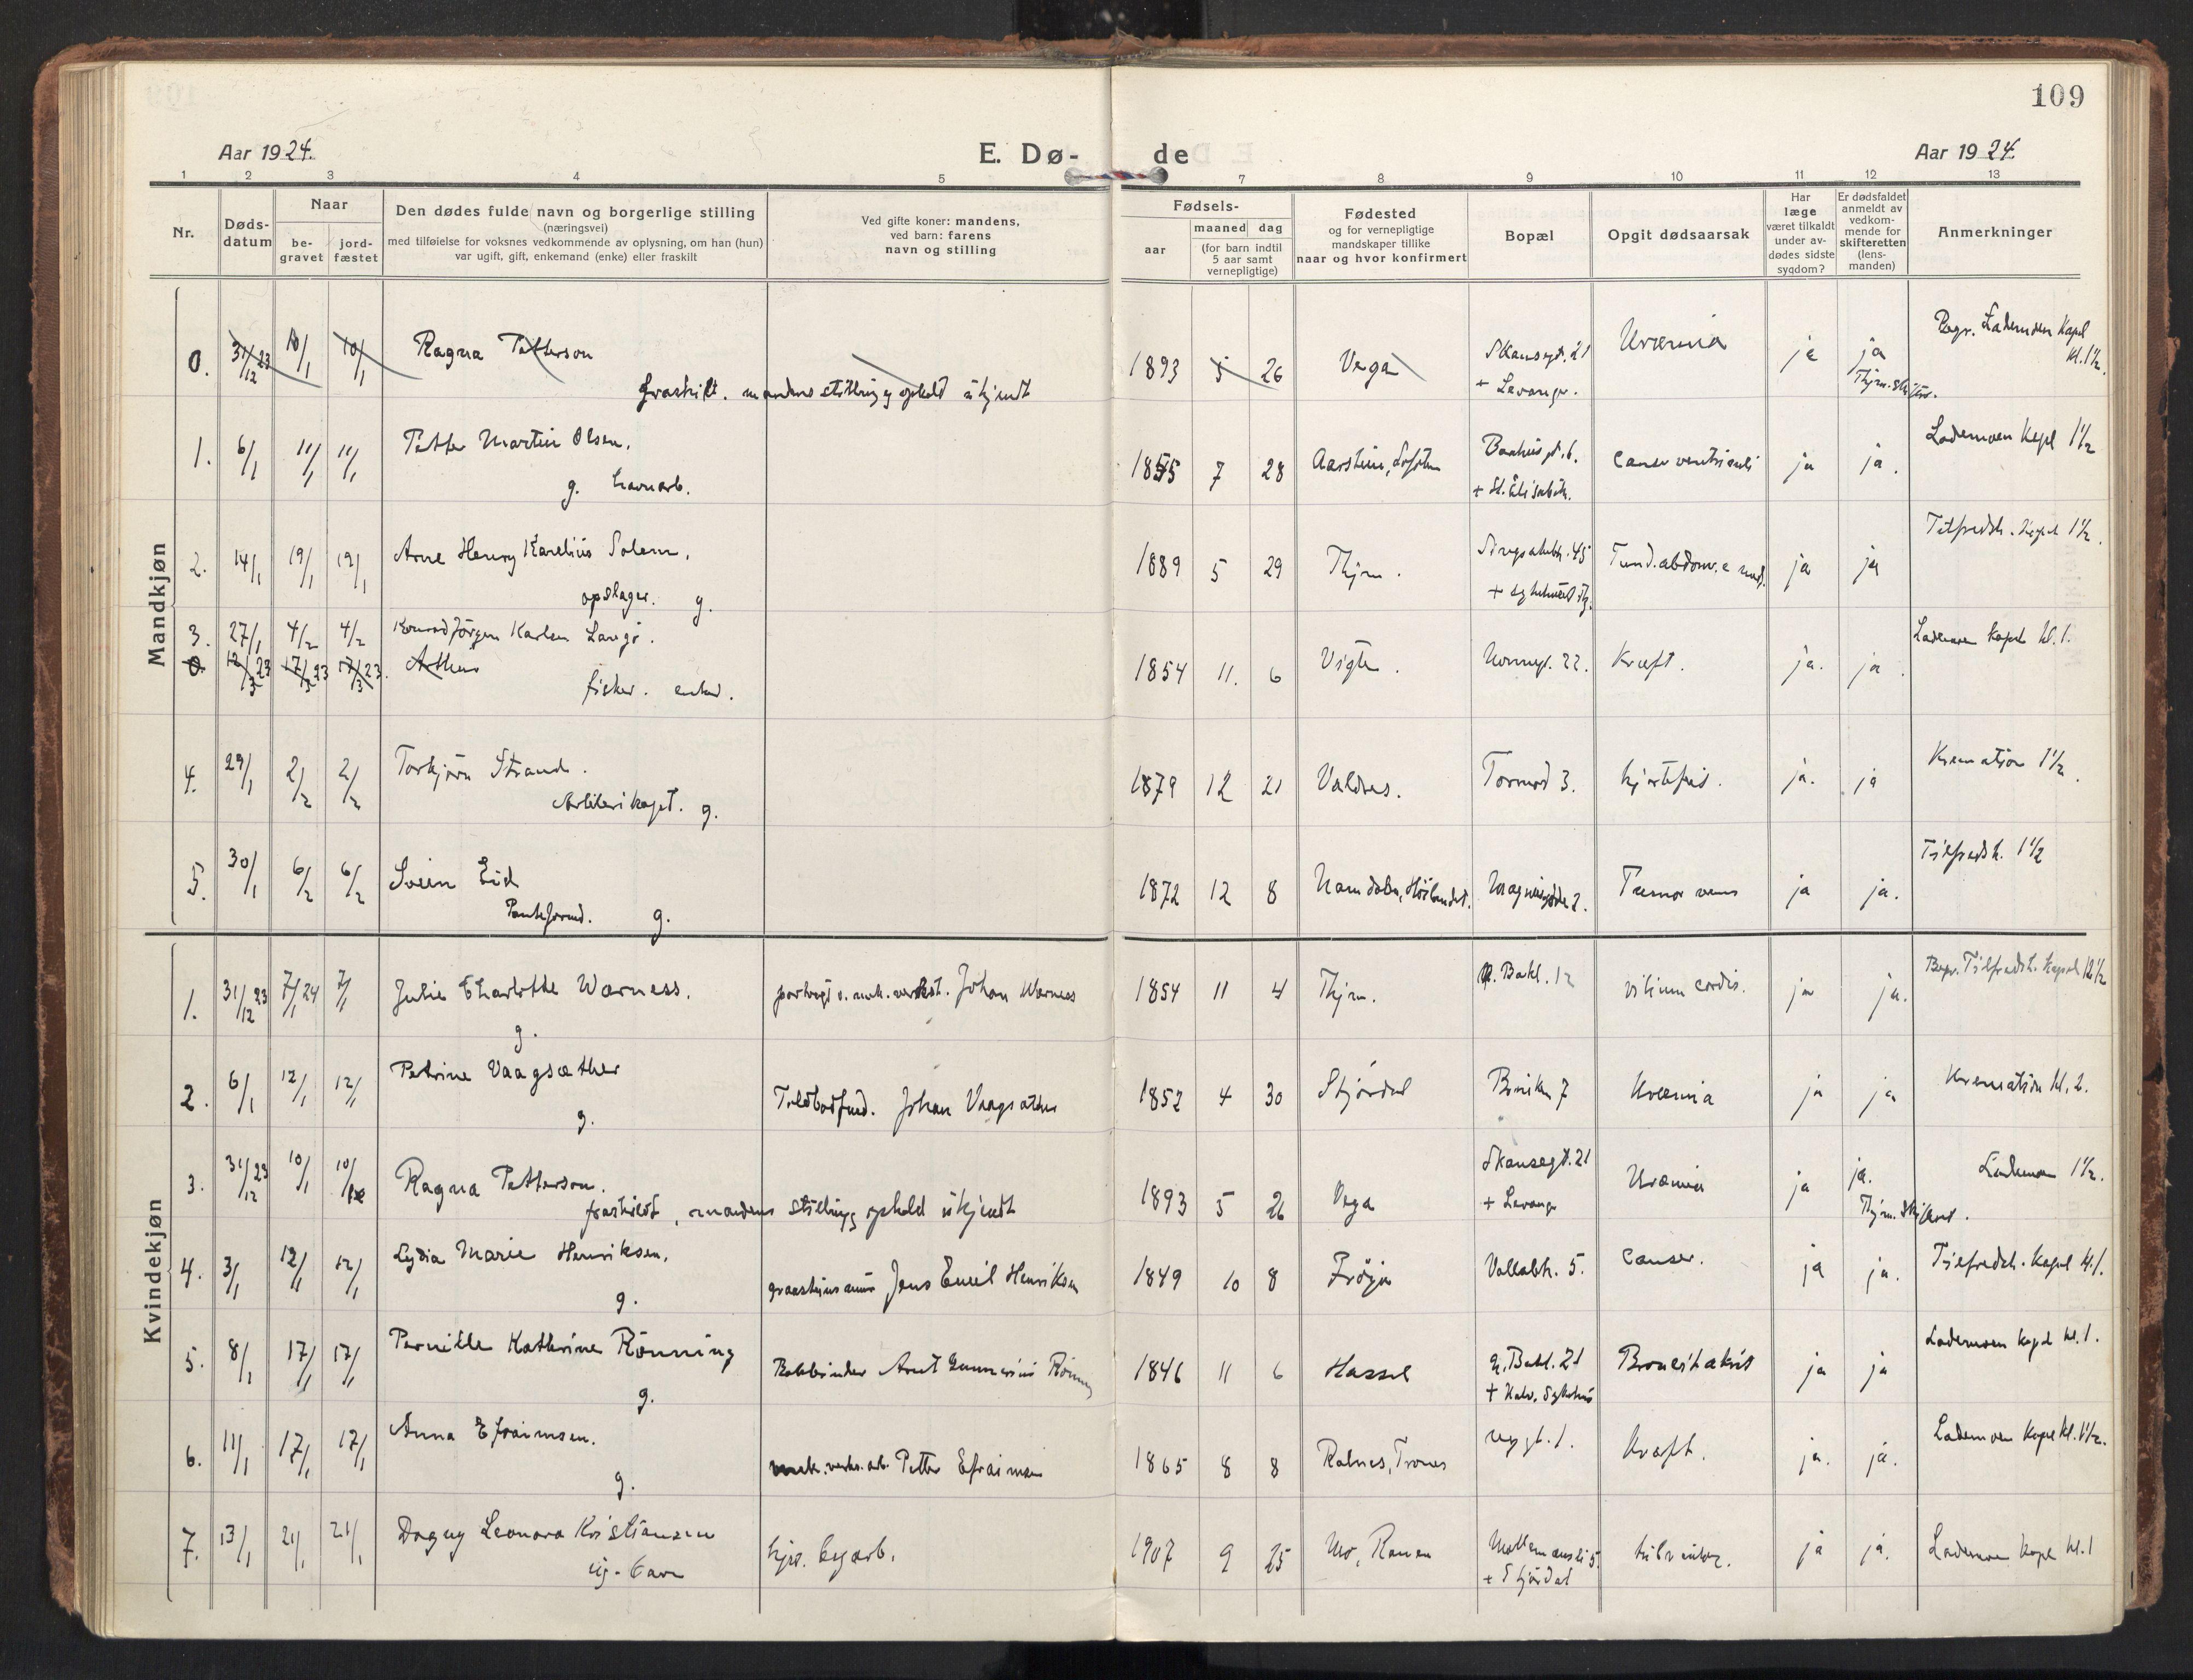 SAT, Ministerialprotokoller, klokkerbøker og fødselsregistre - Sør-Trøndelag, 604/L0207: Ministerialbok nr. 604A27, 1917-1933, s. 109